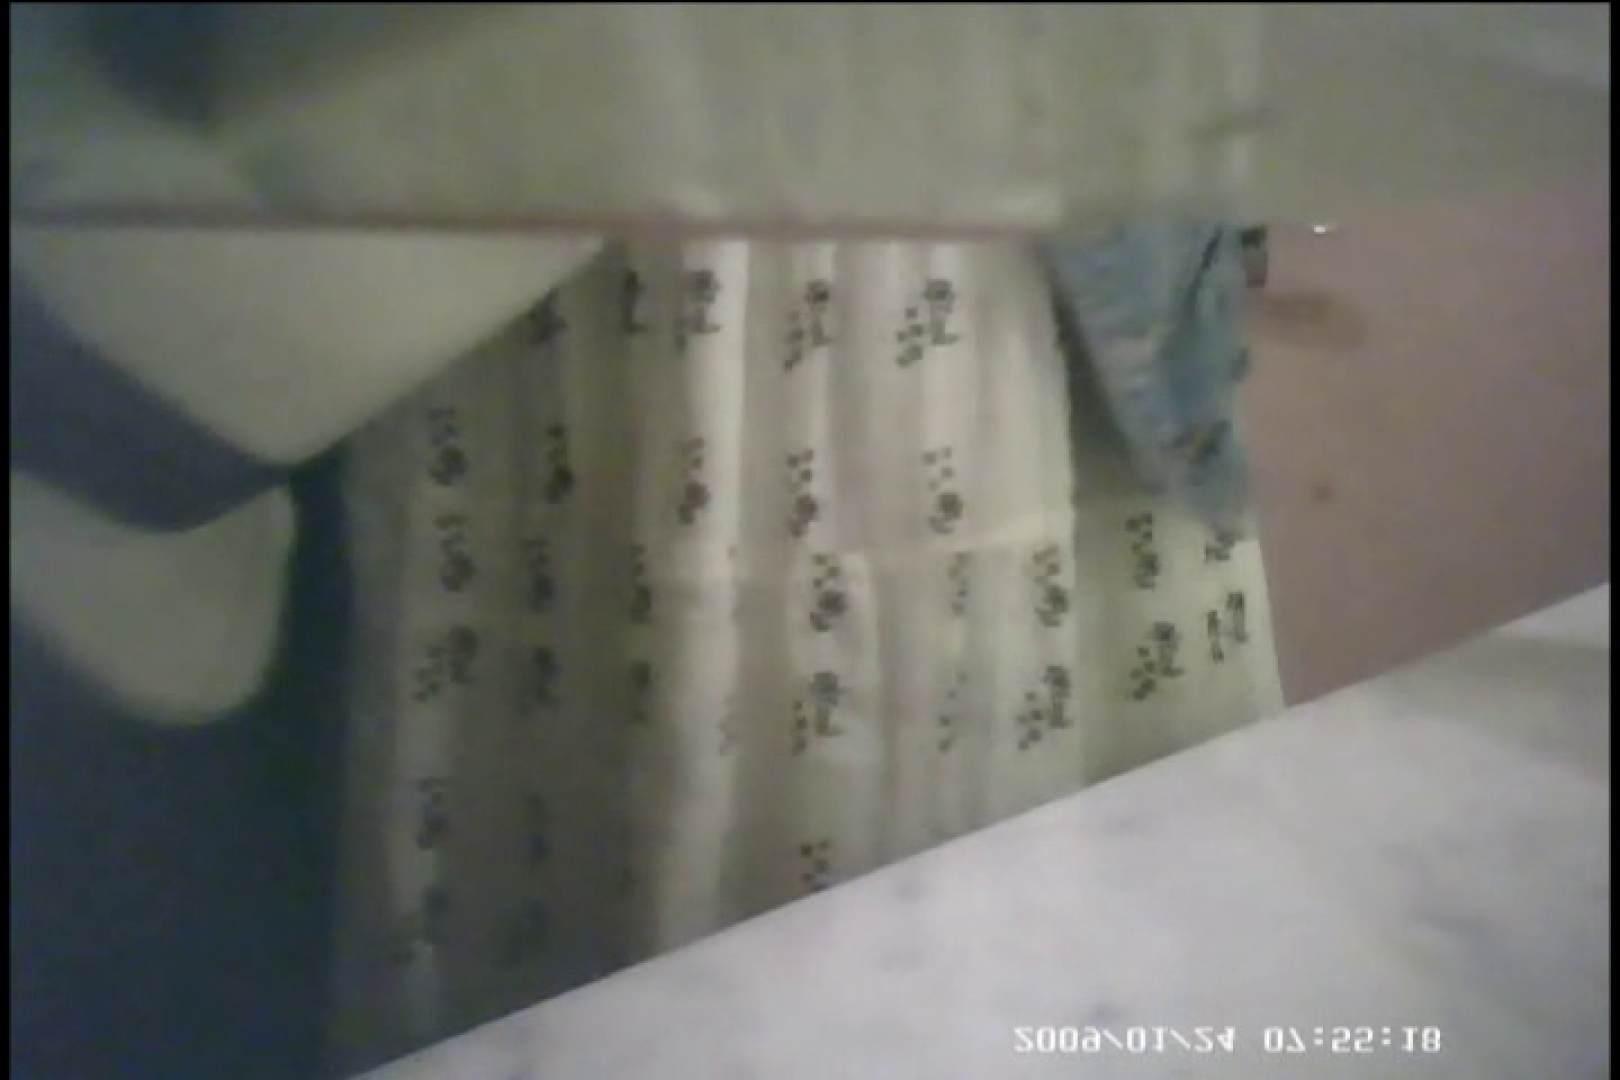 画質向上!新亀さん厠 vol.61 潜入画像 | マンコ  88画像 86